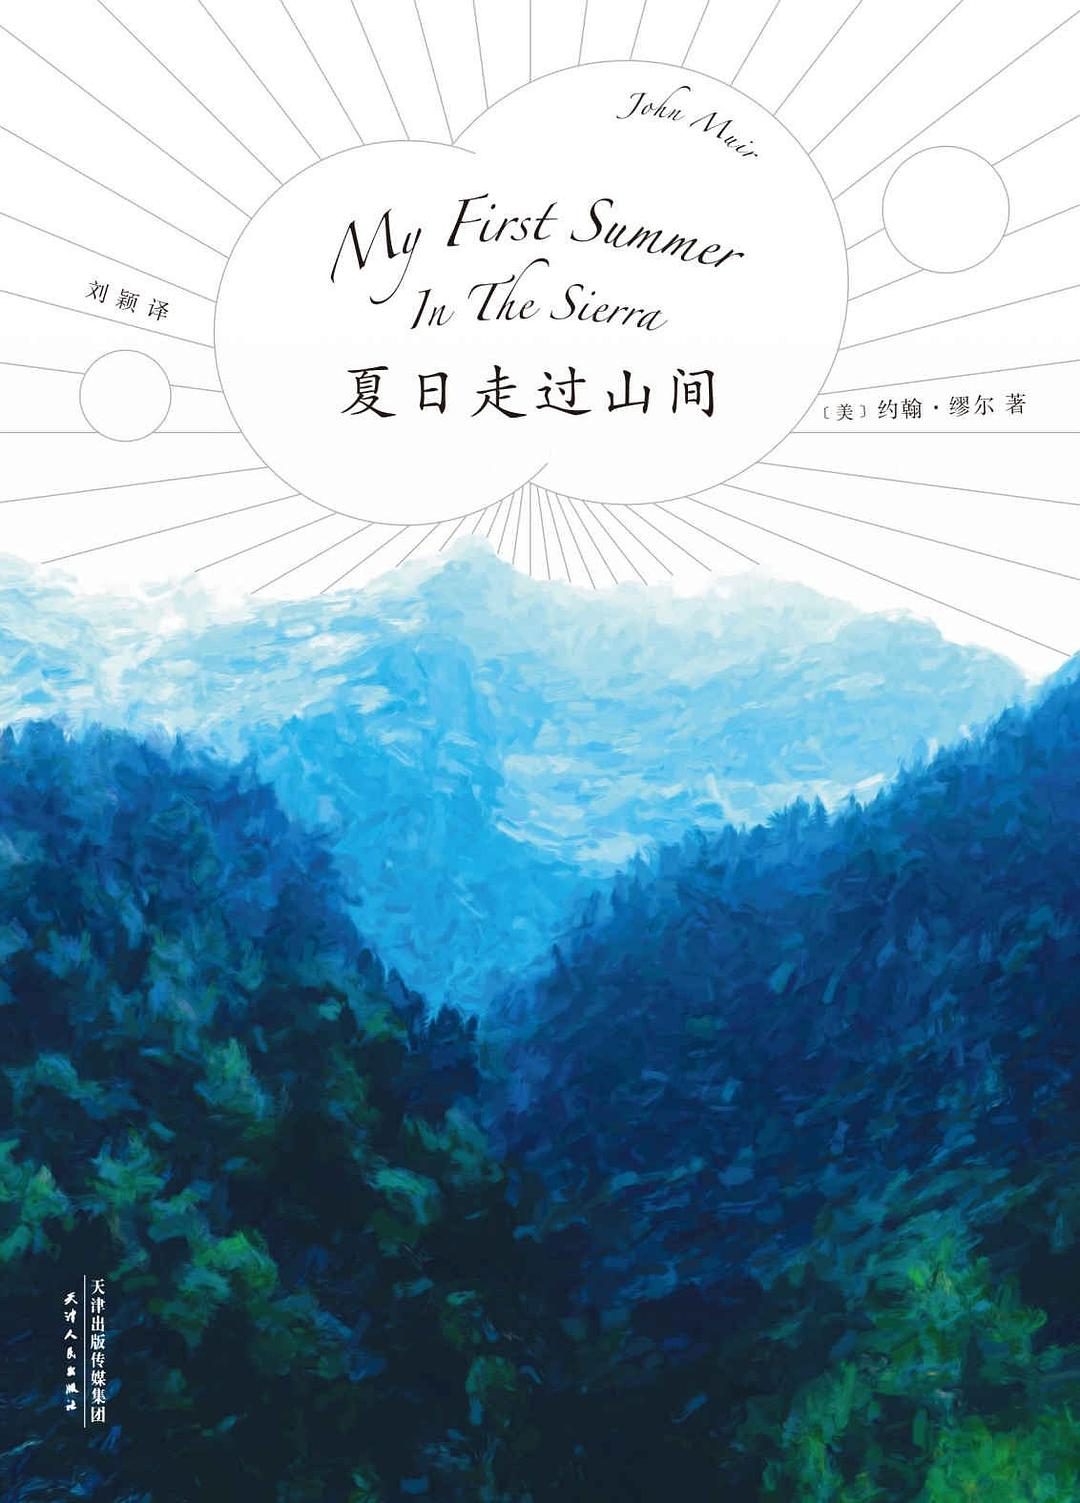 夏日走过山间-好书天下